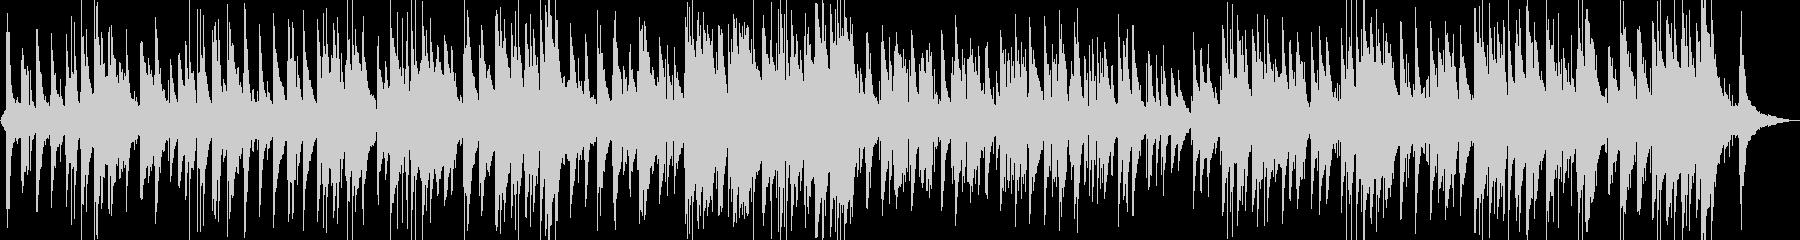 ジャズ風 ジムノペディの未再生の波形